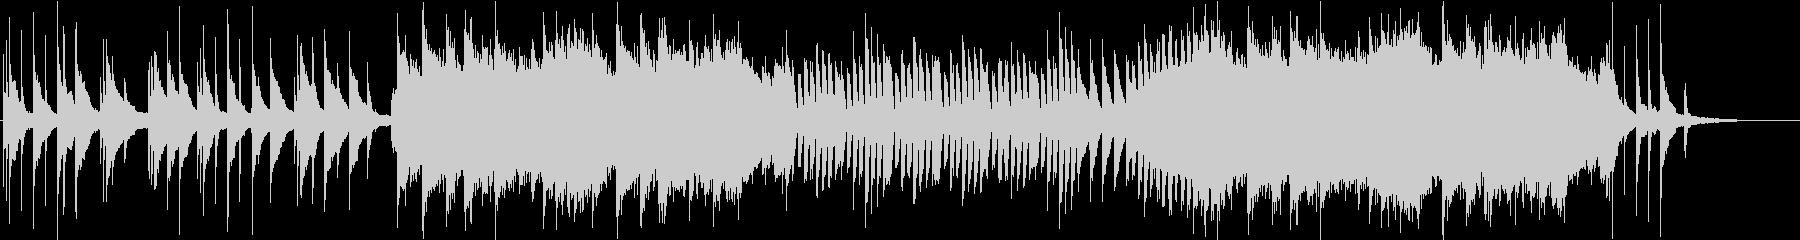 ほのぼの日常なストリングスサウンドの未再生の波形